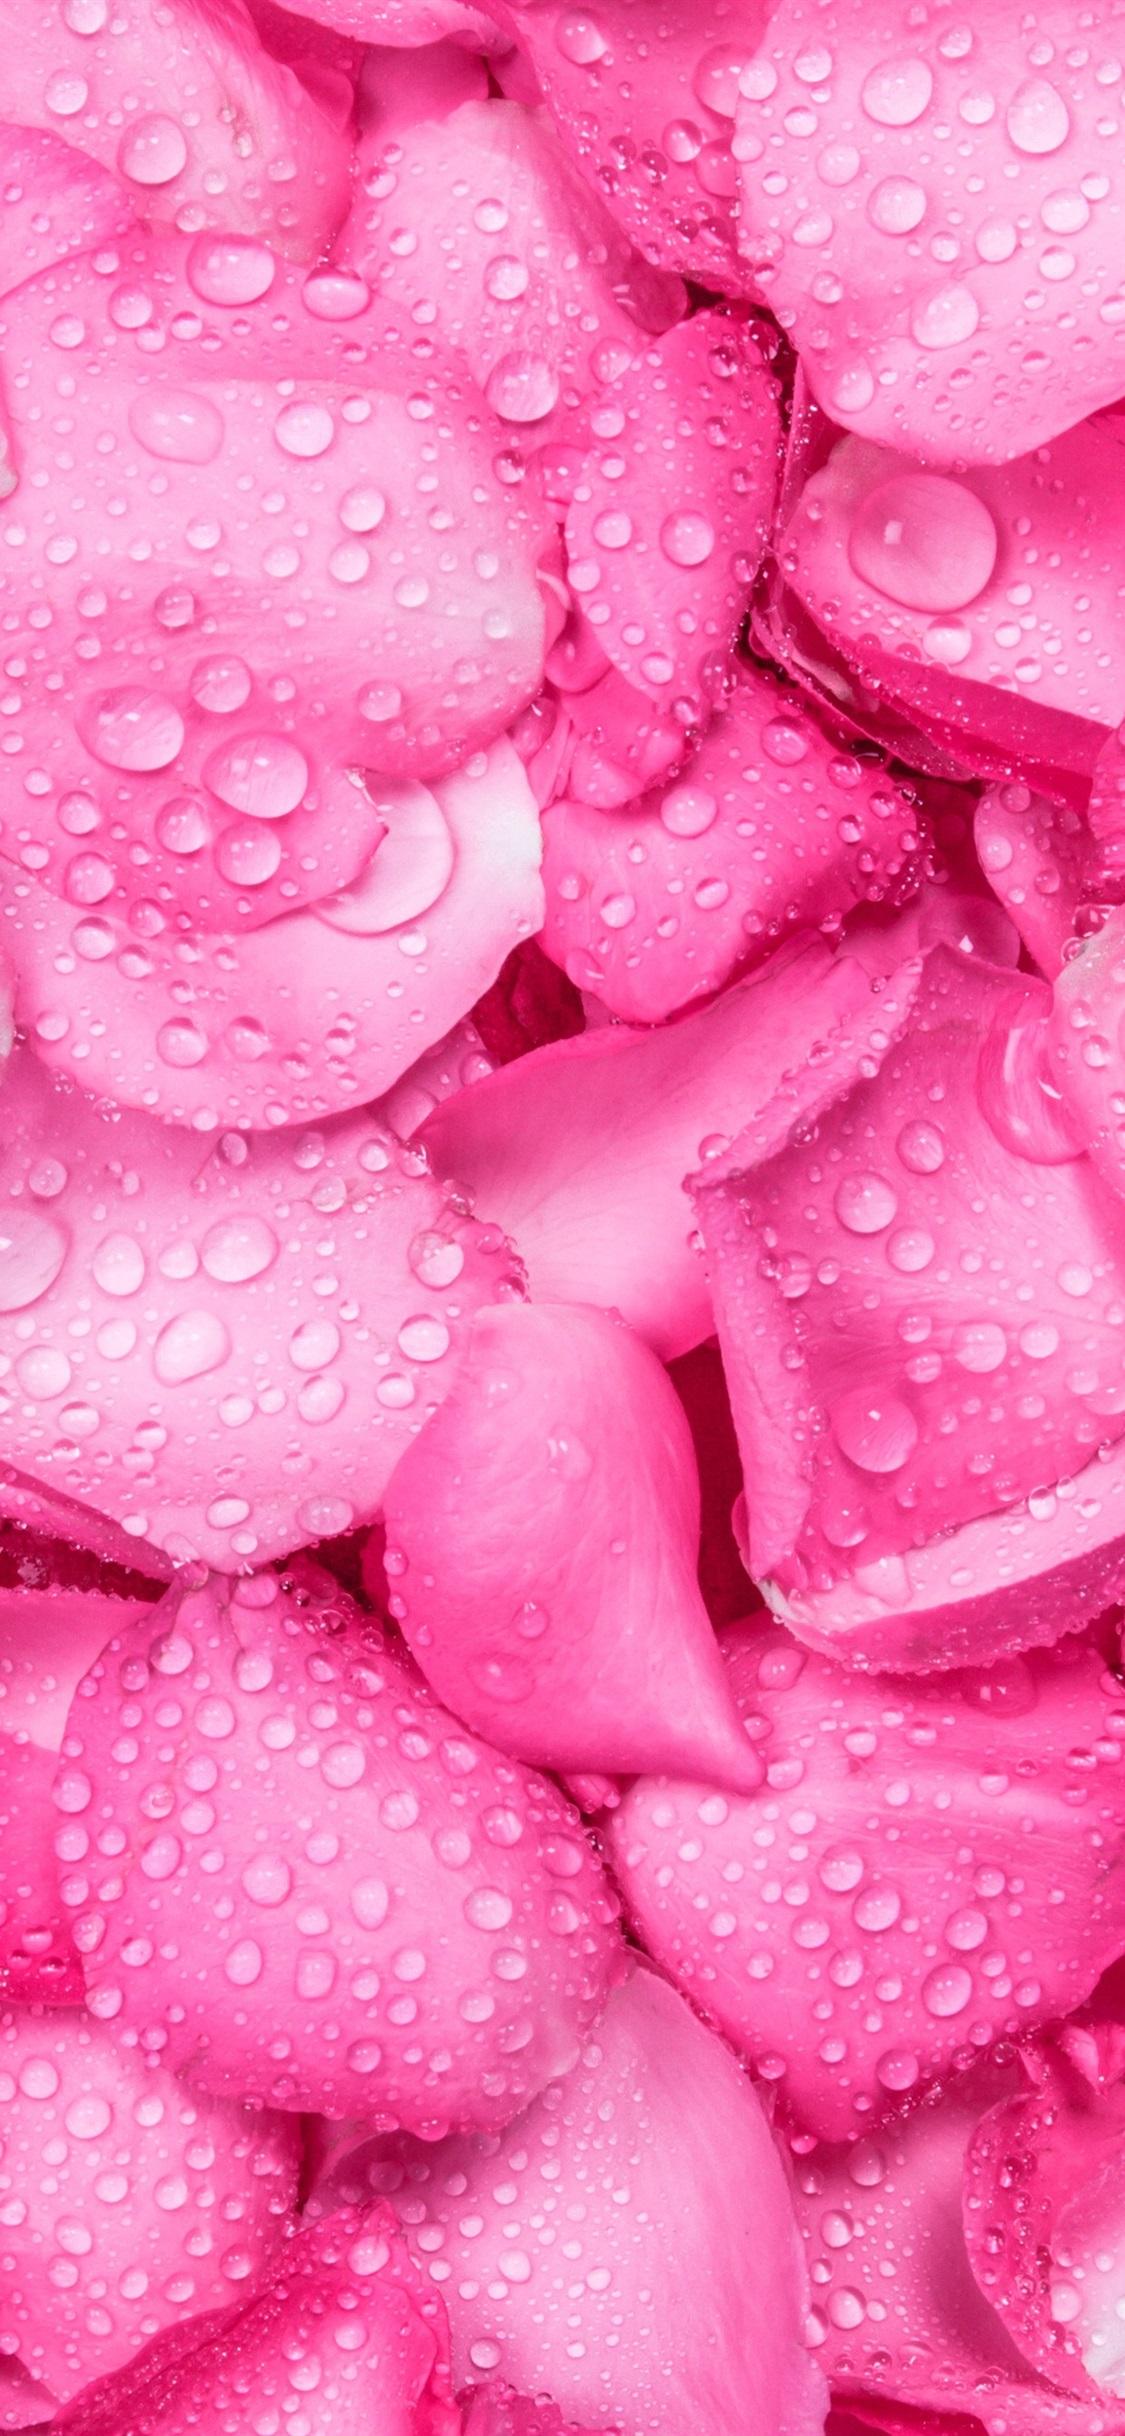 ピンクのバラの花びらの背景 水滴 1125x2436 Iphone 11 Pro Xs X 壁紙